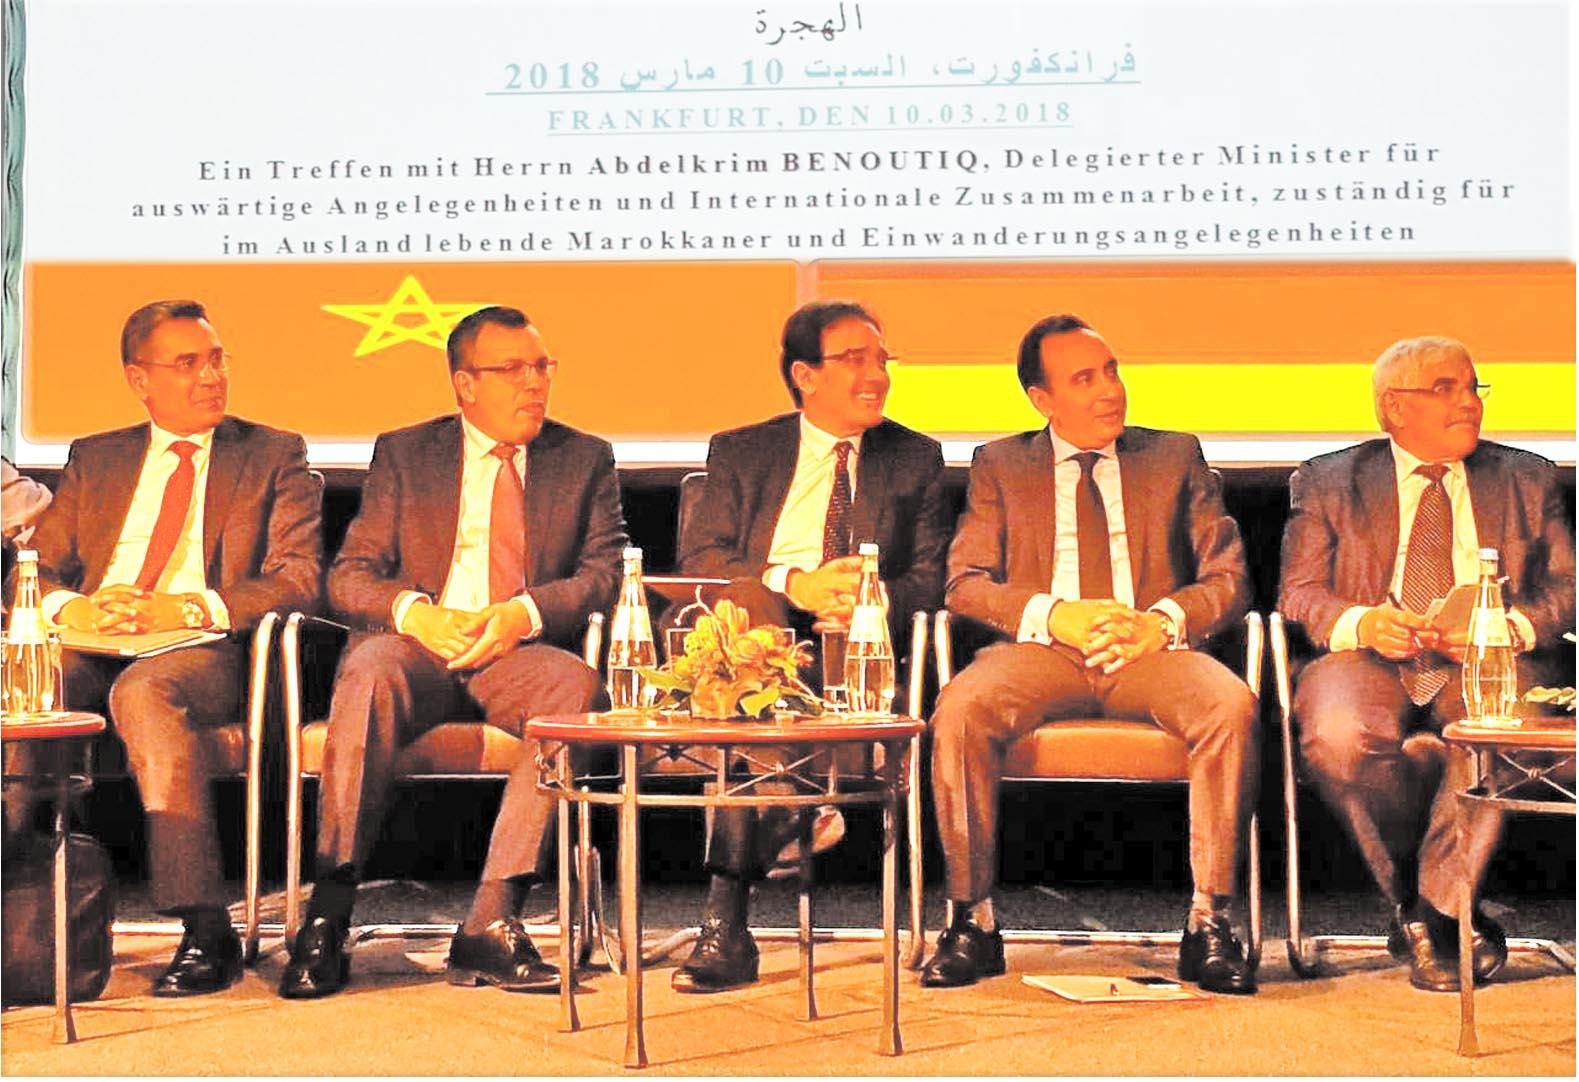 Abdelkrim Benatiq rencontre la communauté marocaine établie à Francfort